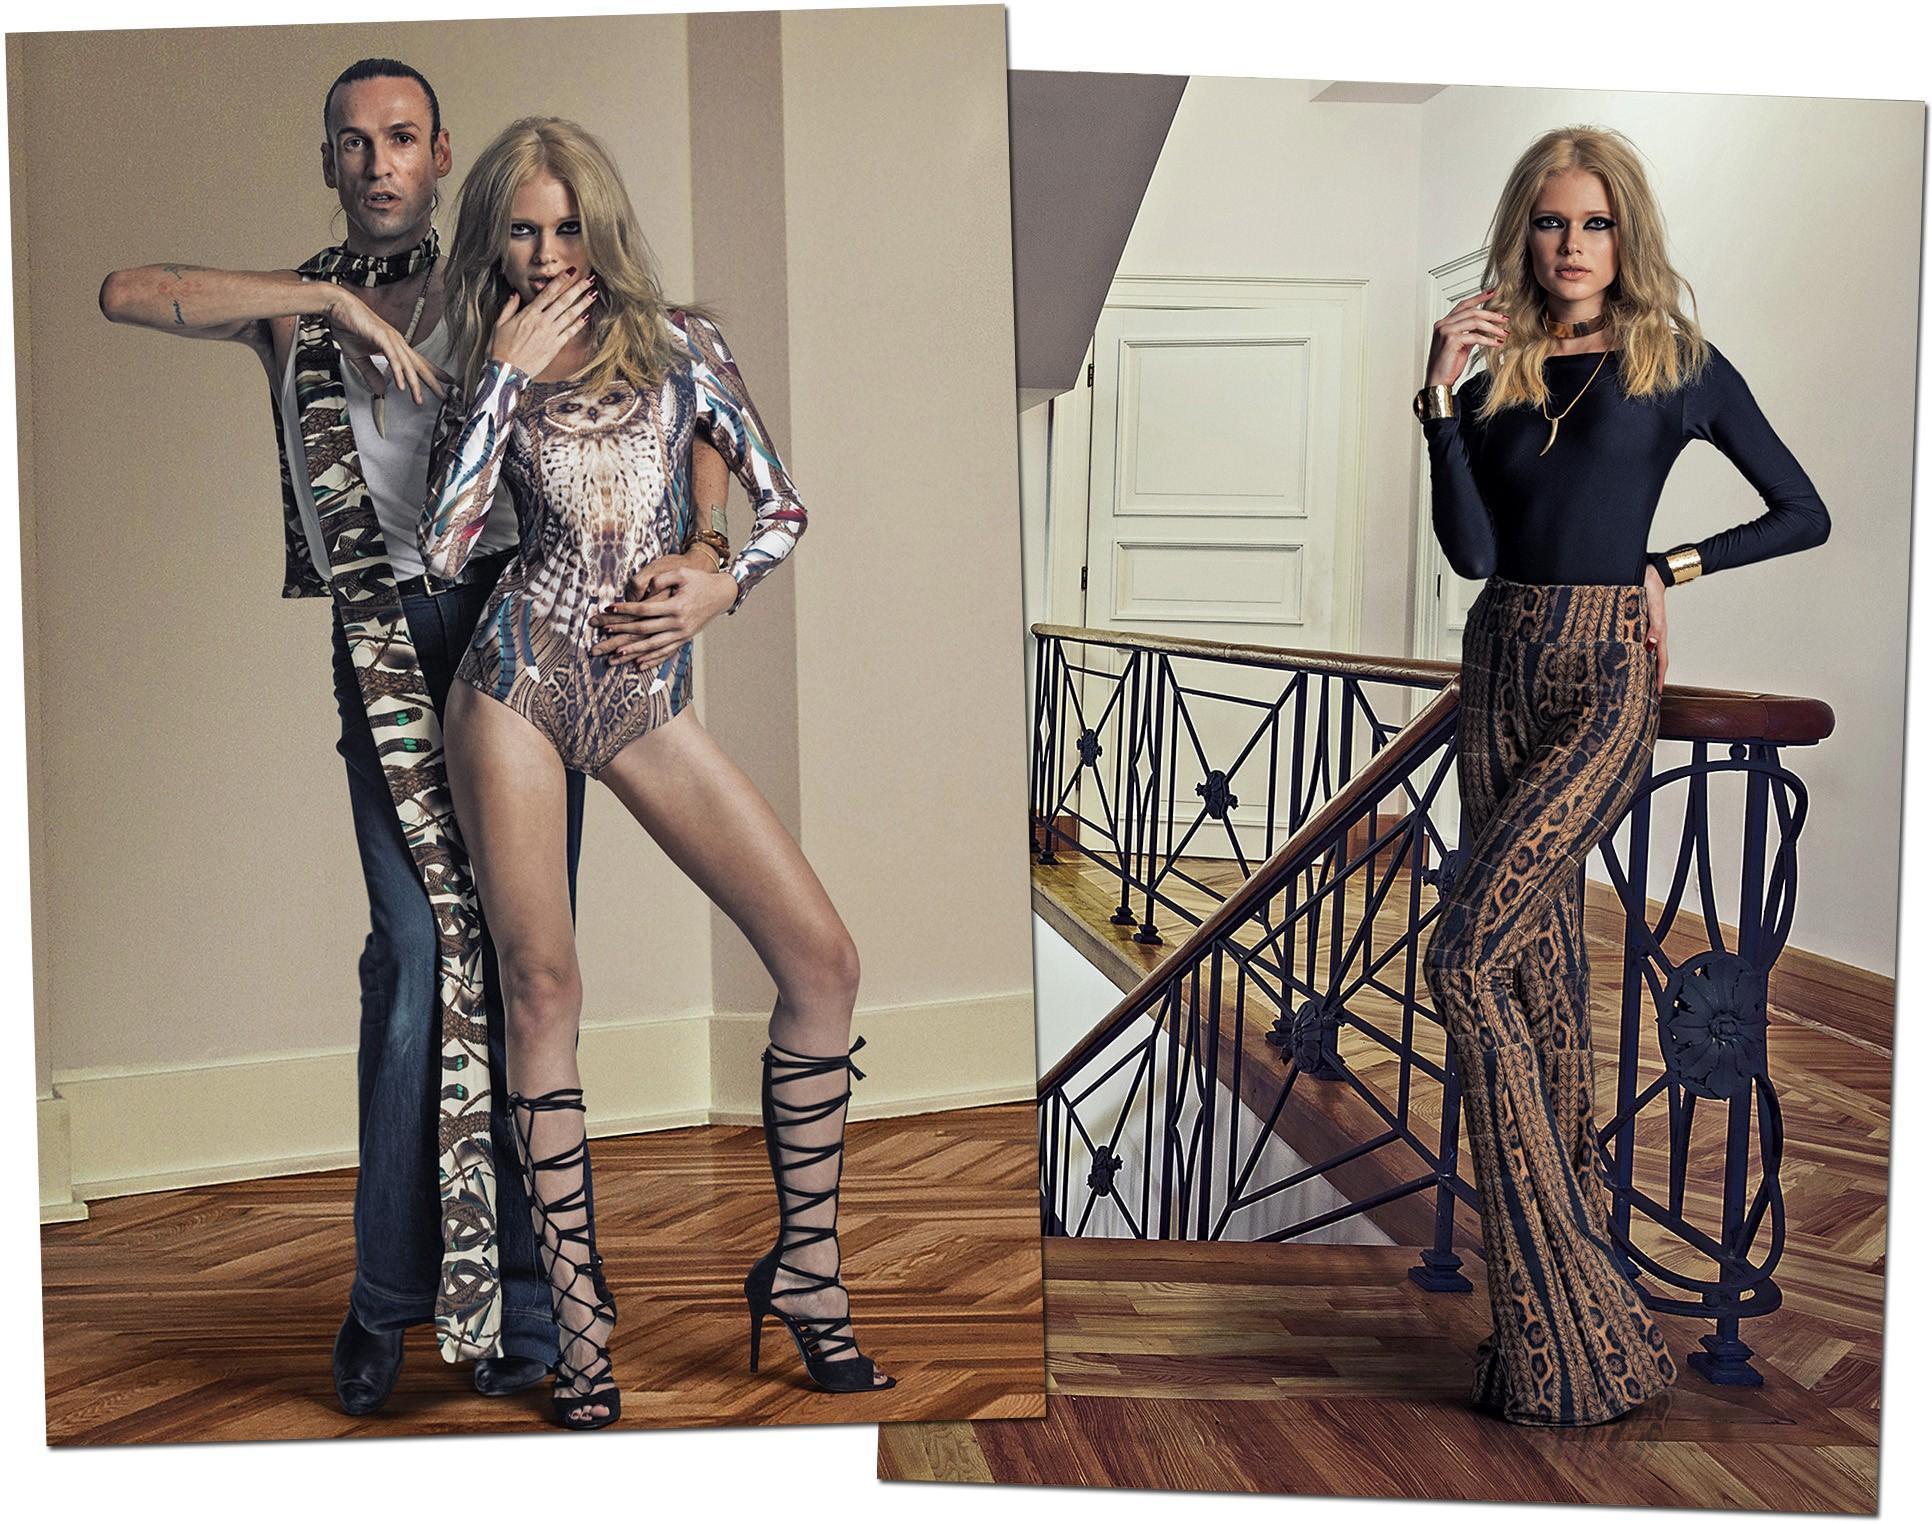 Campanha assinada por Dudu Bertholini, o primeiro stylist a participar de novo projeto da Tigresse (Foto: Divulgação)